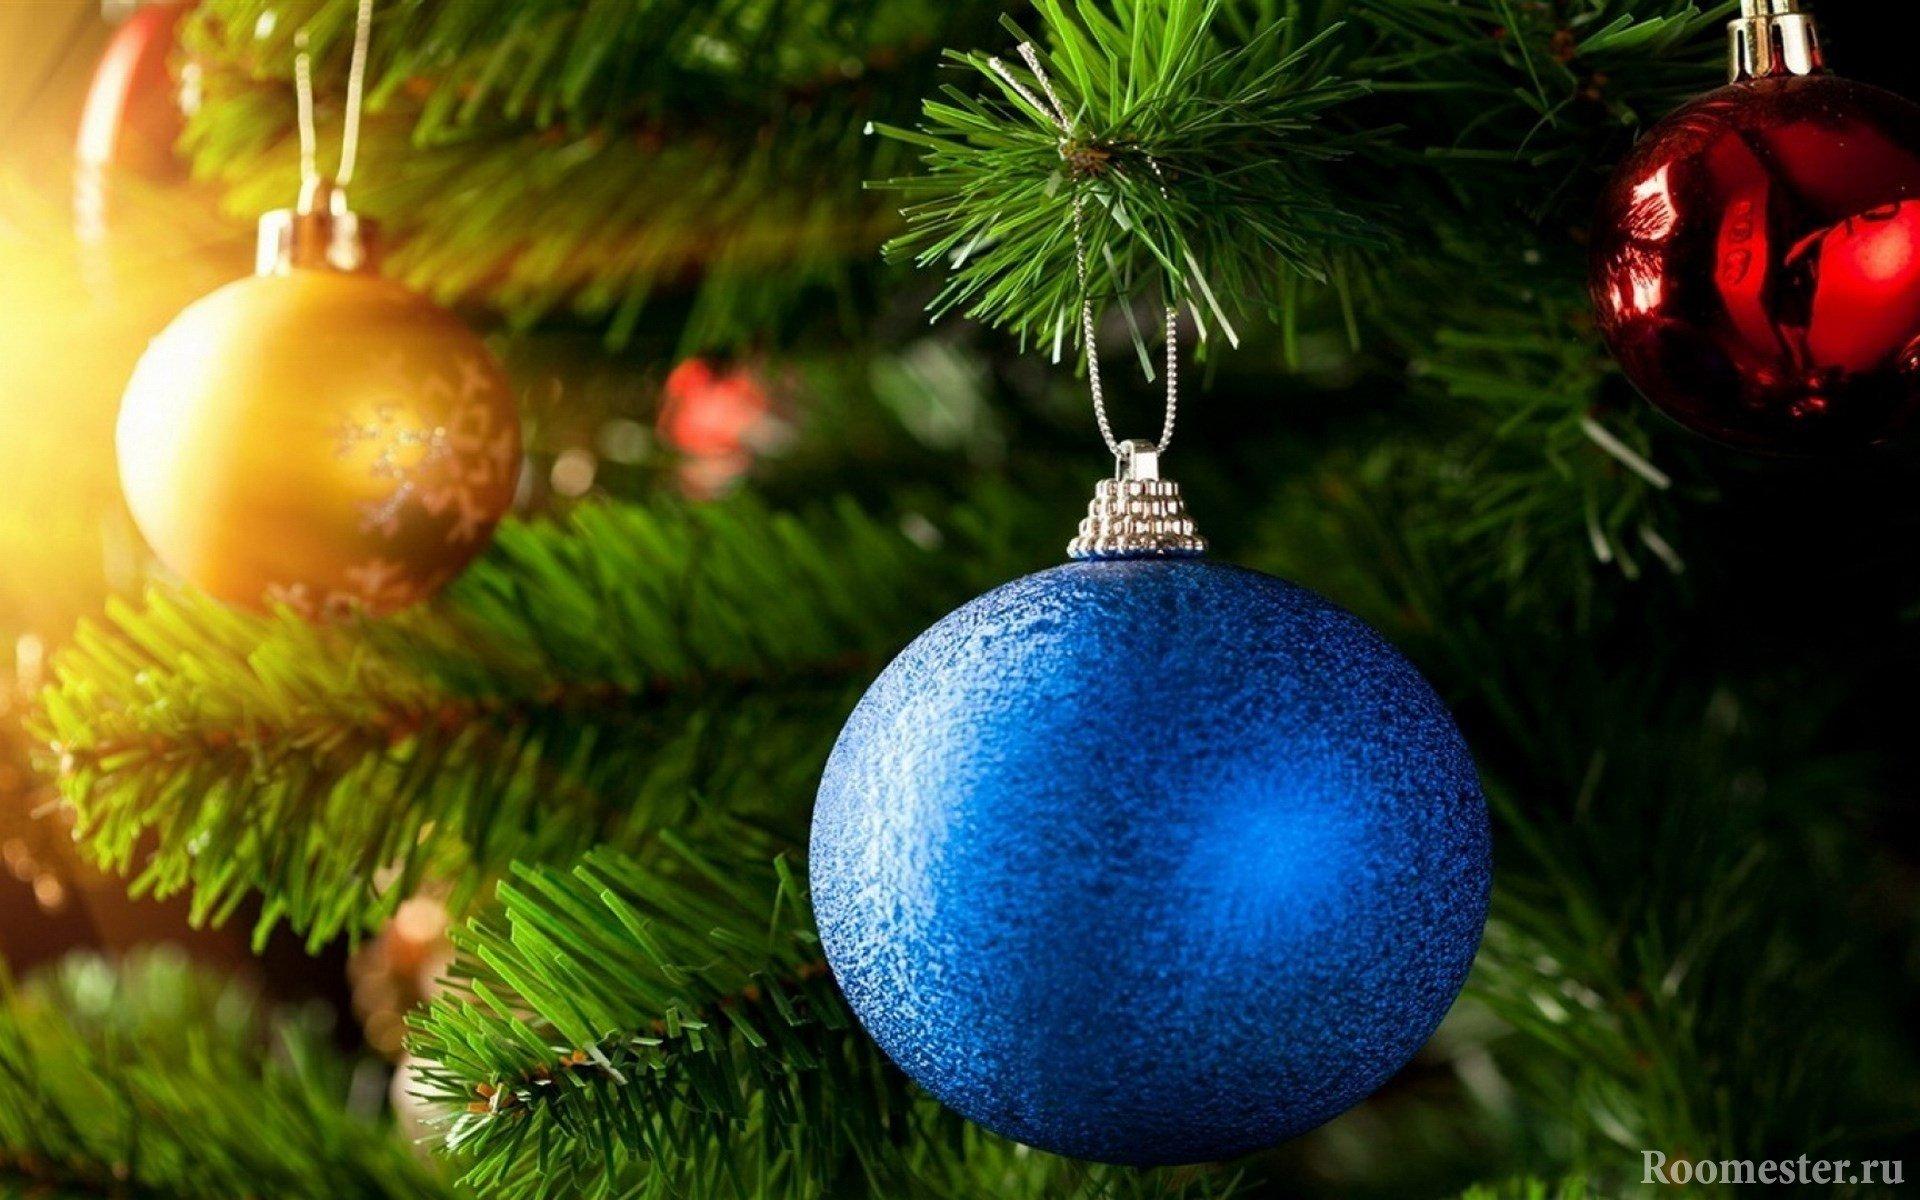 Синий елочный шар